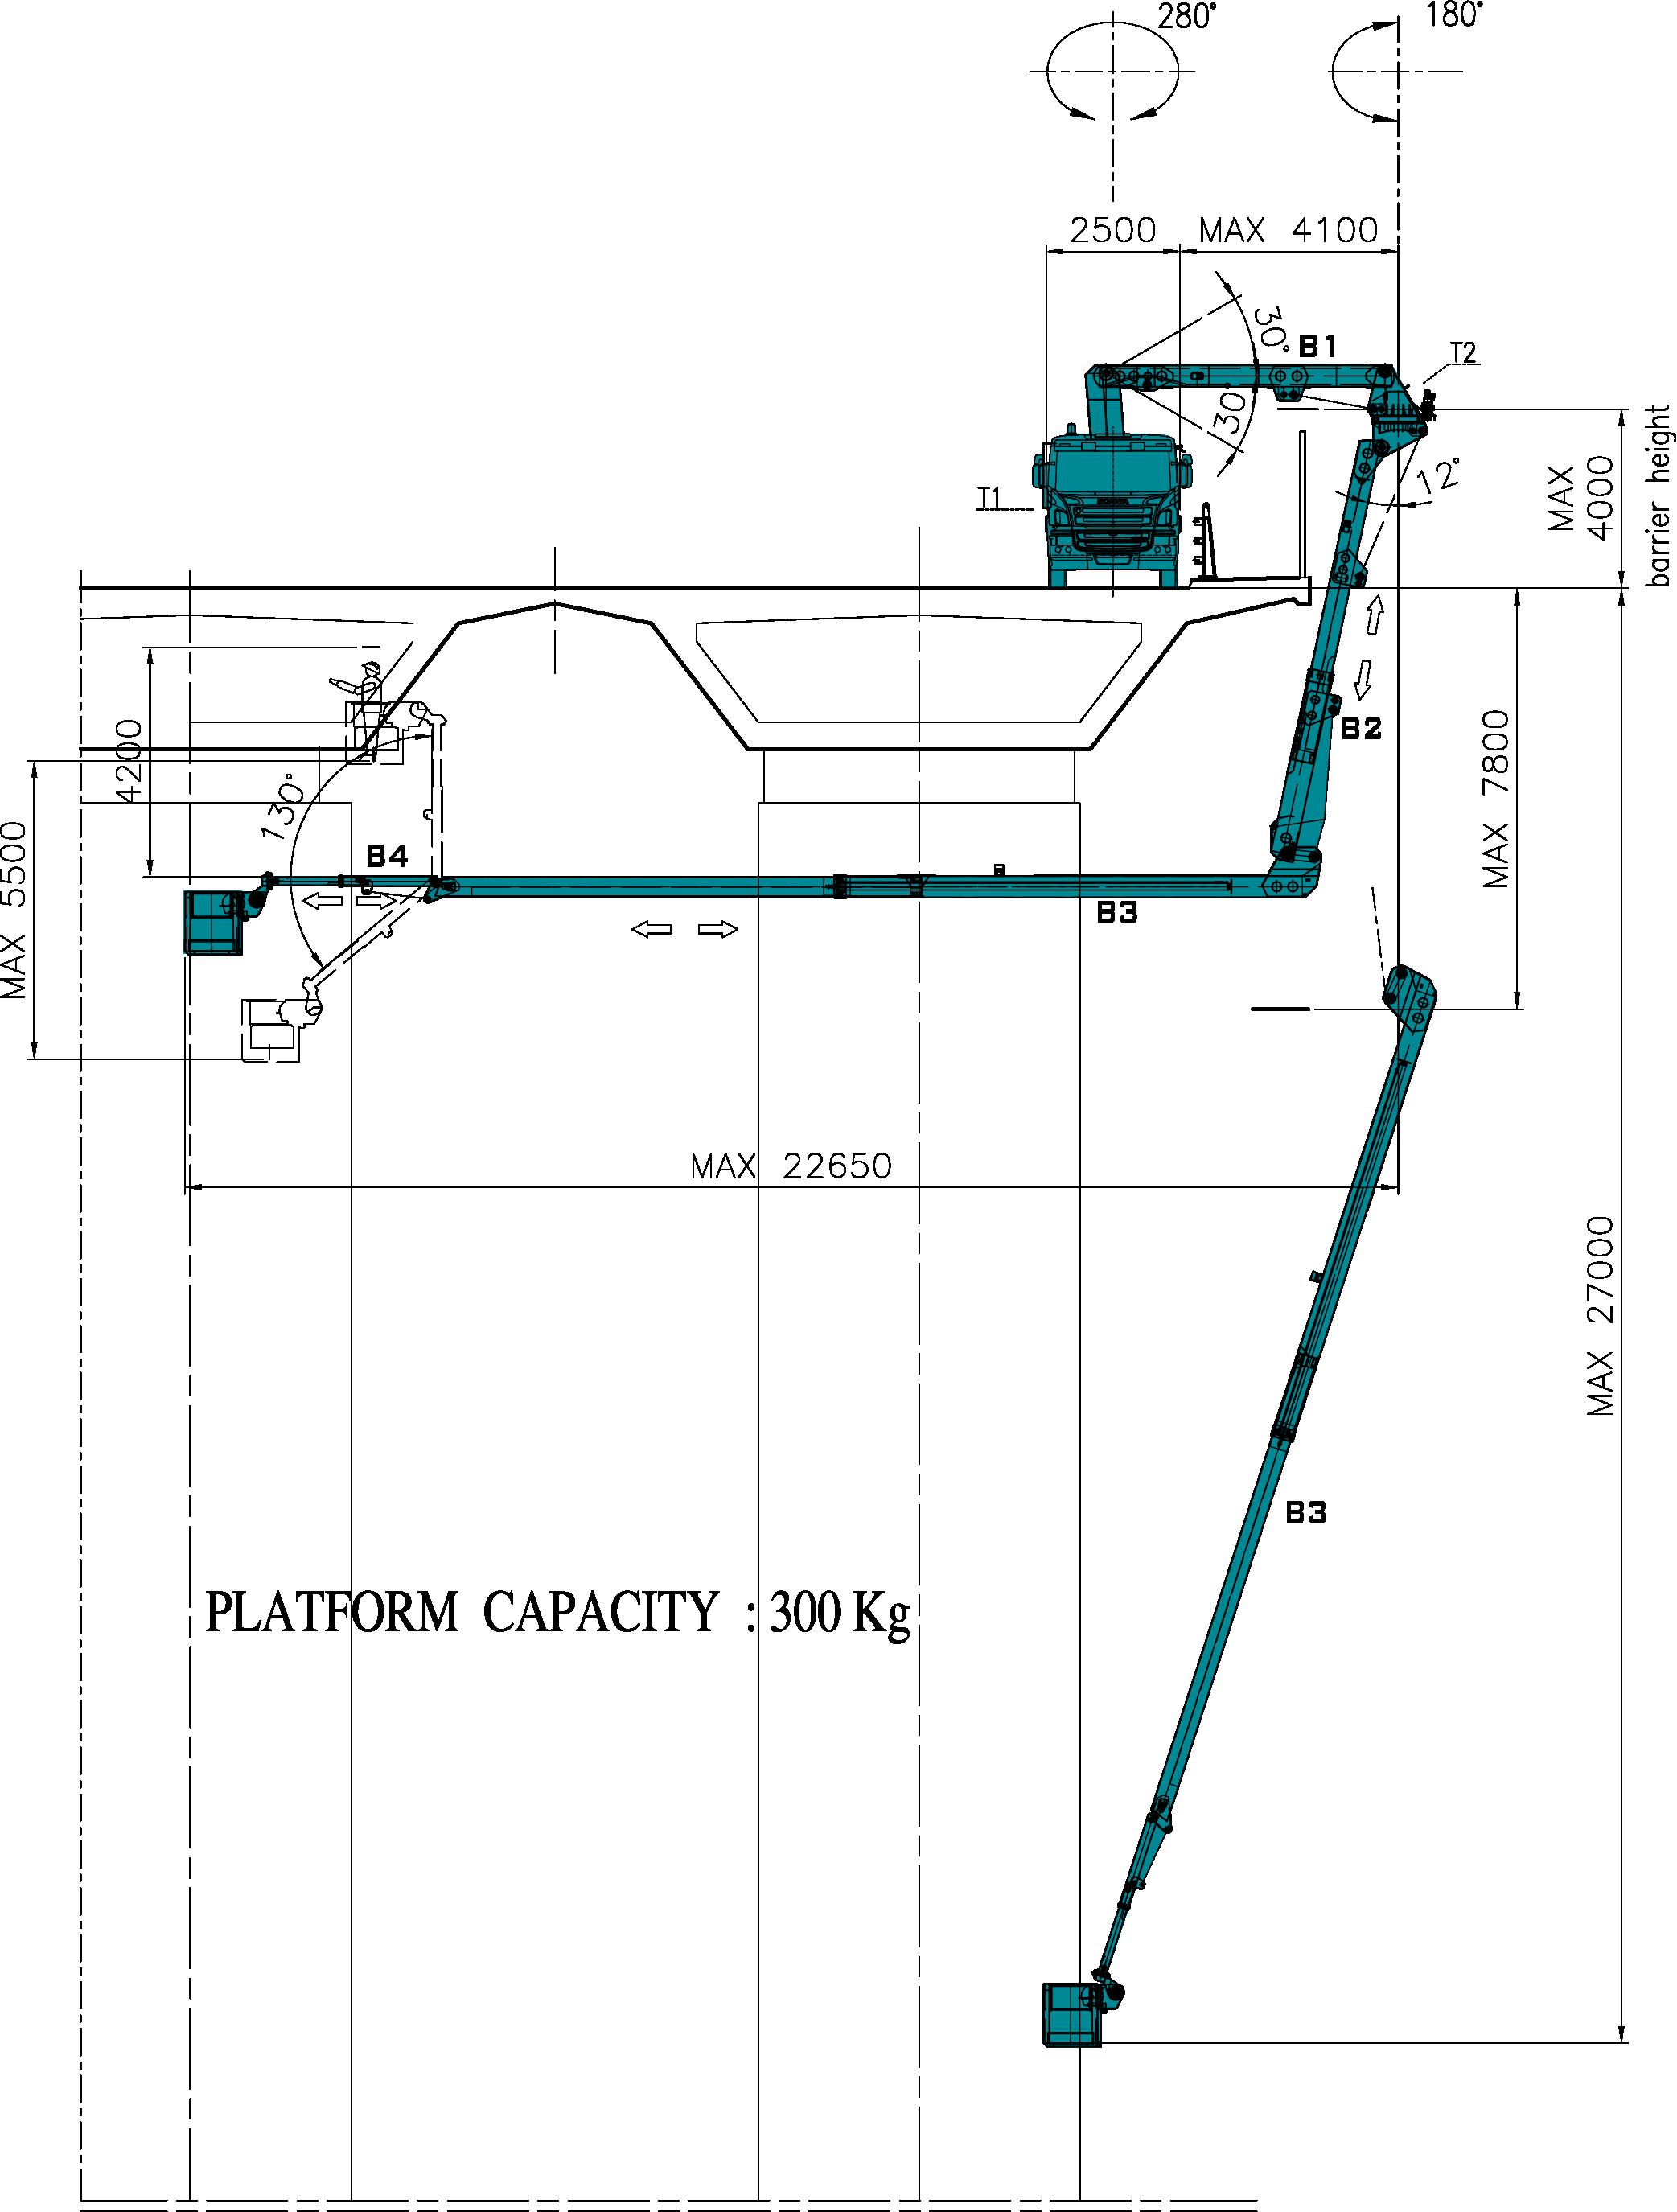 AB22 Diagram